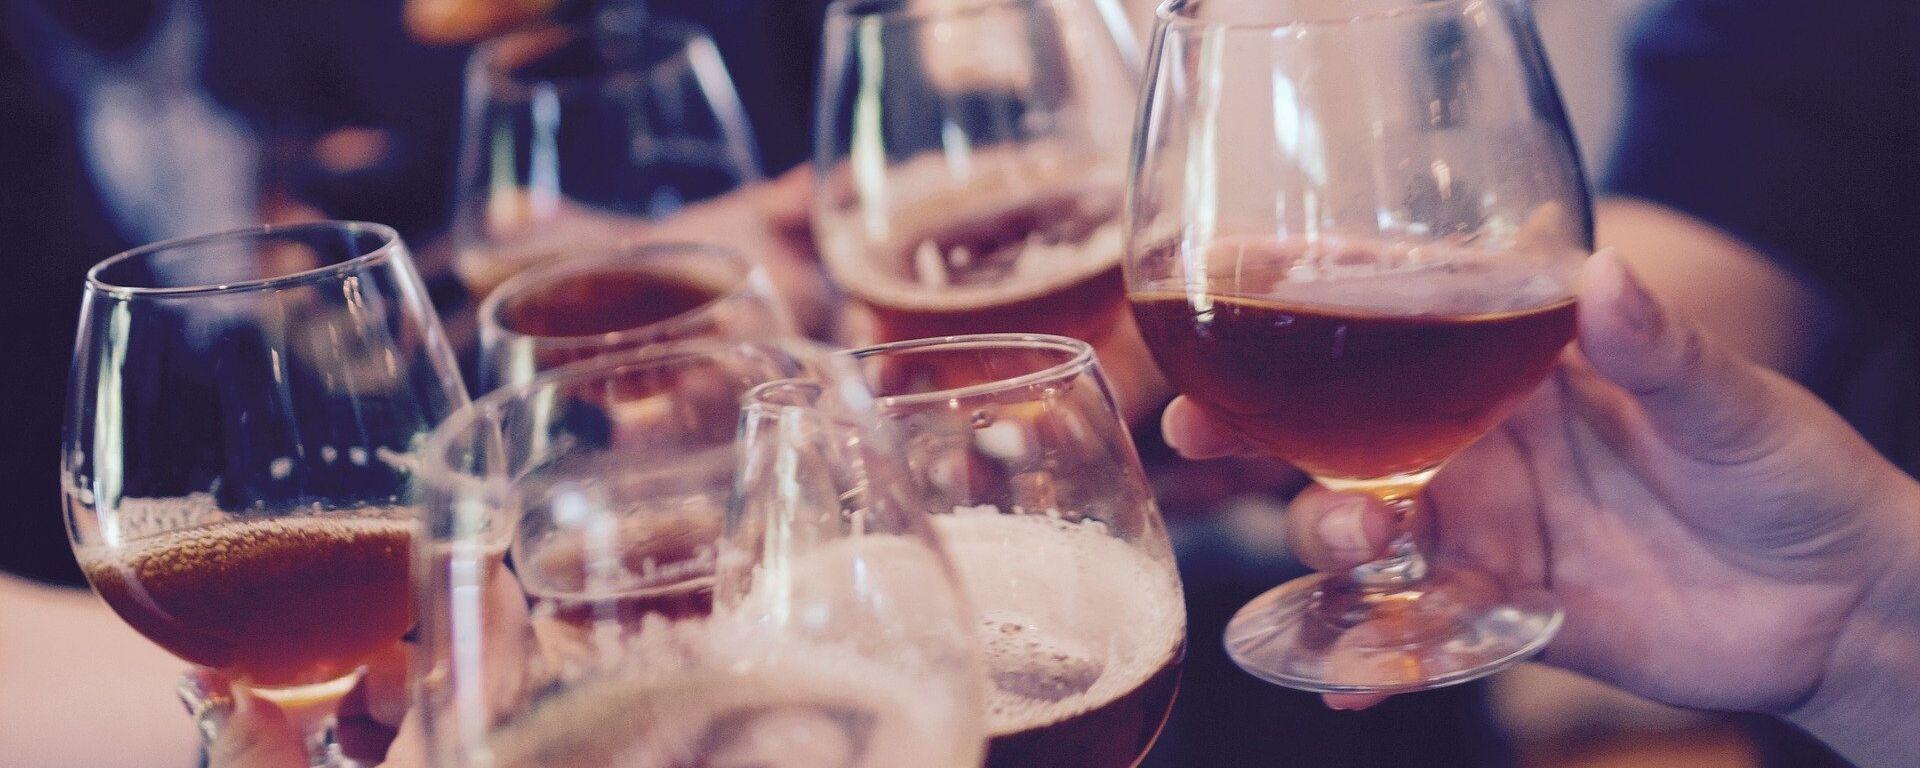 Alcohol (imagen referencial) - Sputnik Mundo, 1920, 17.03.2021